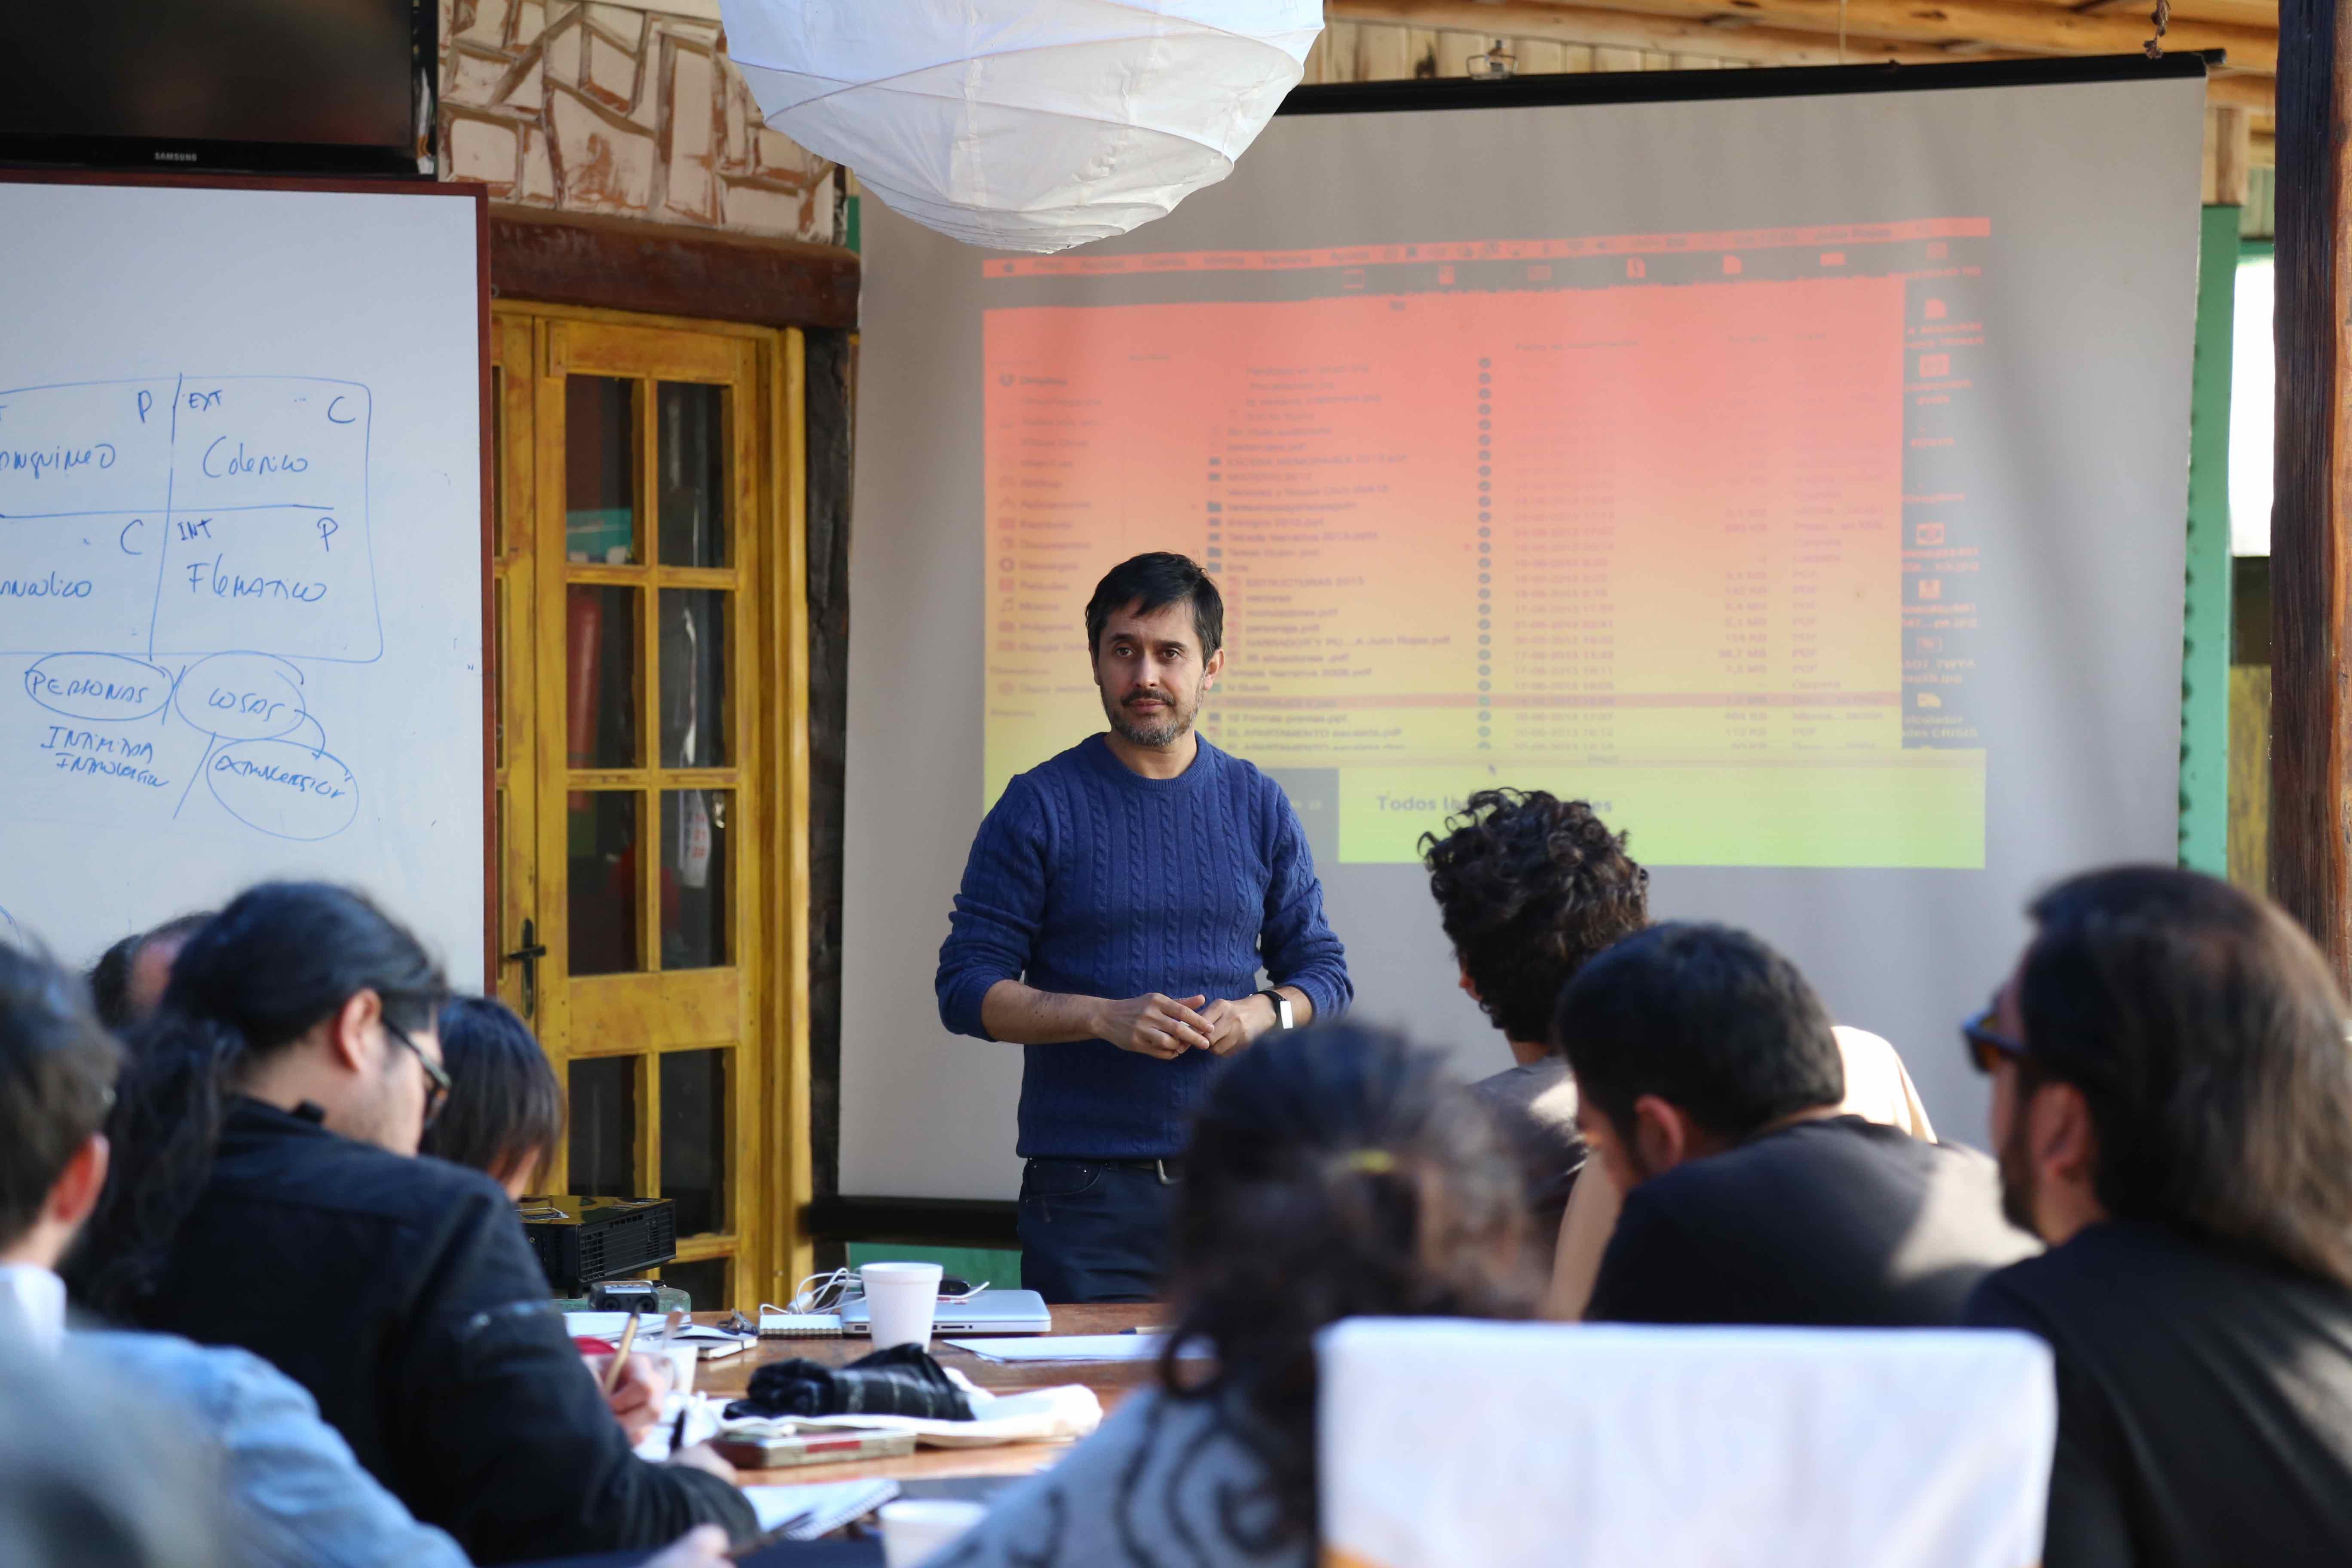 Guionista Julio Rojas en las clases impartidas en el abril de este an_o en el FIC Pichilemu